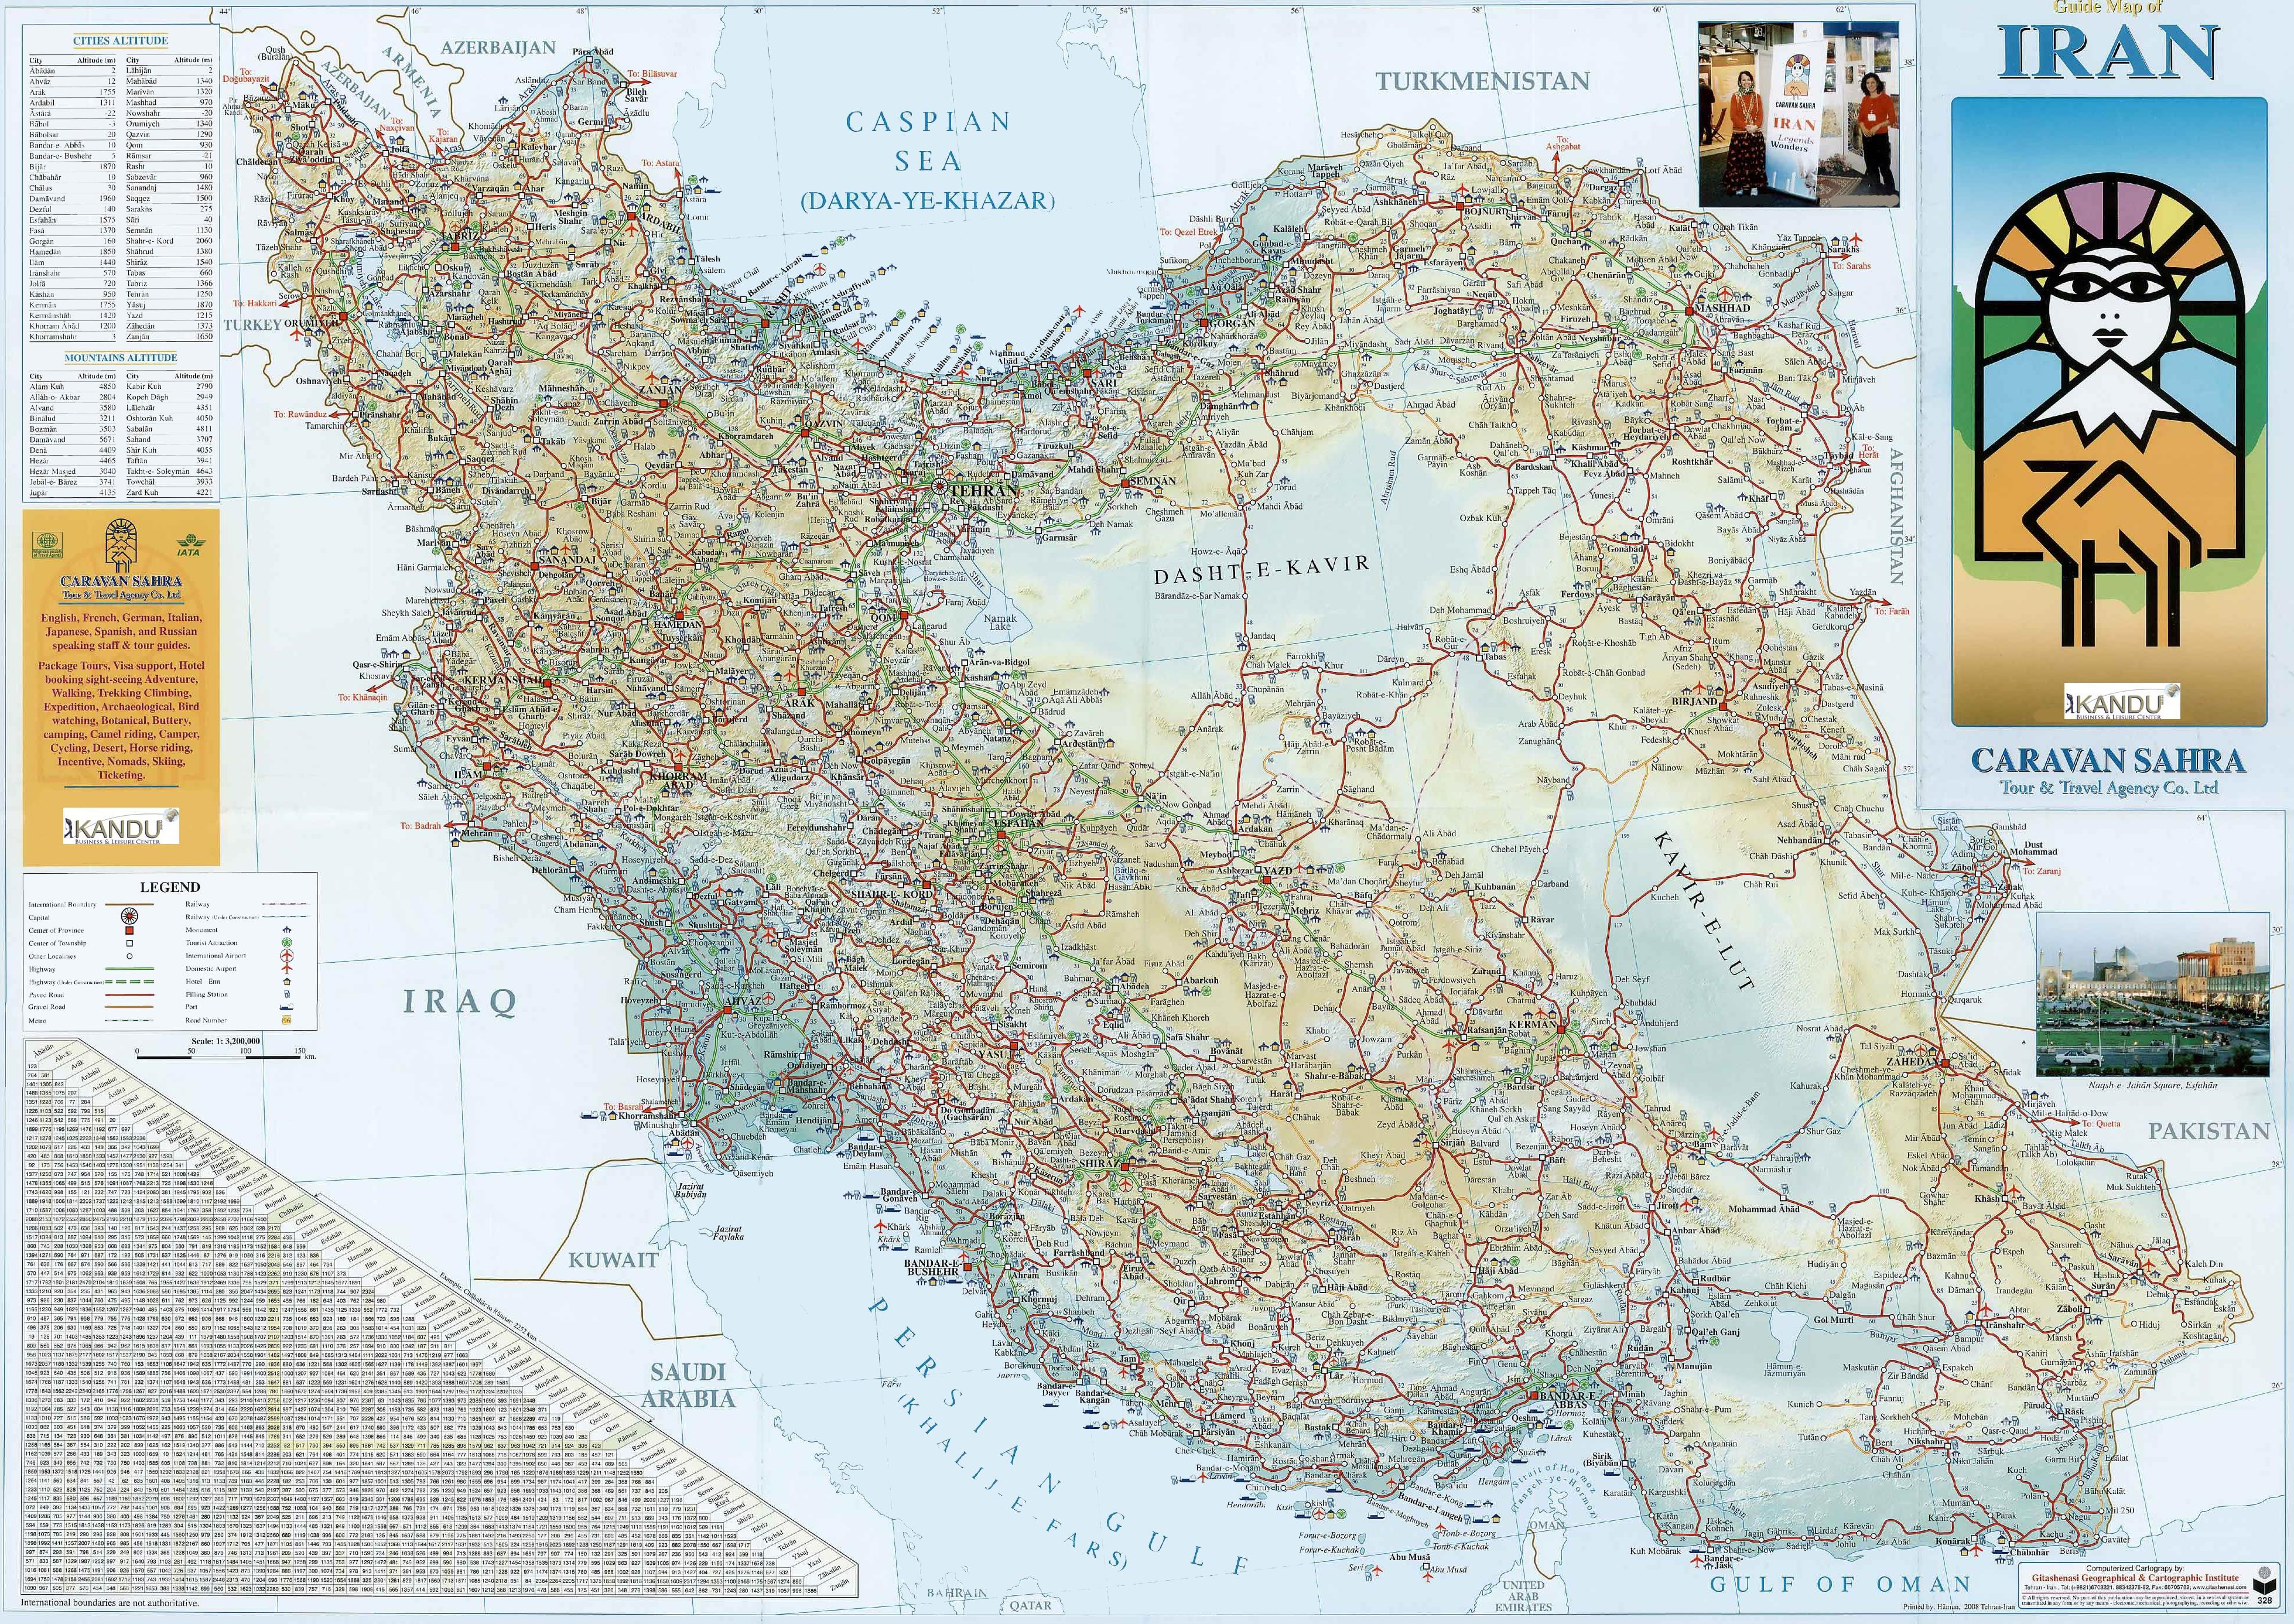 Road Map Of Iran - Map of iran